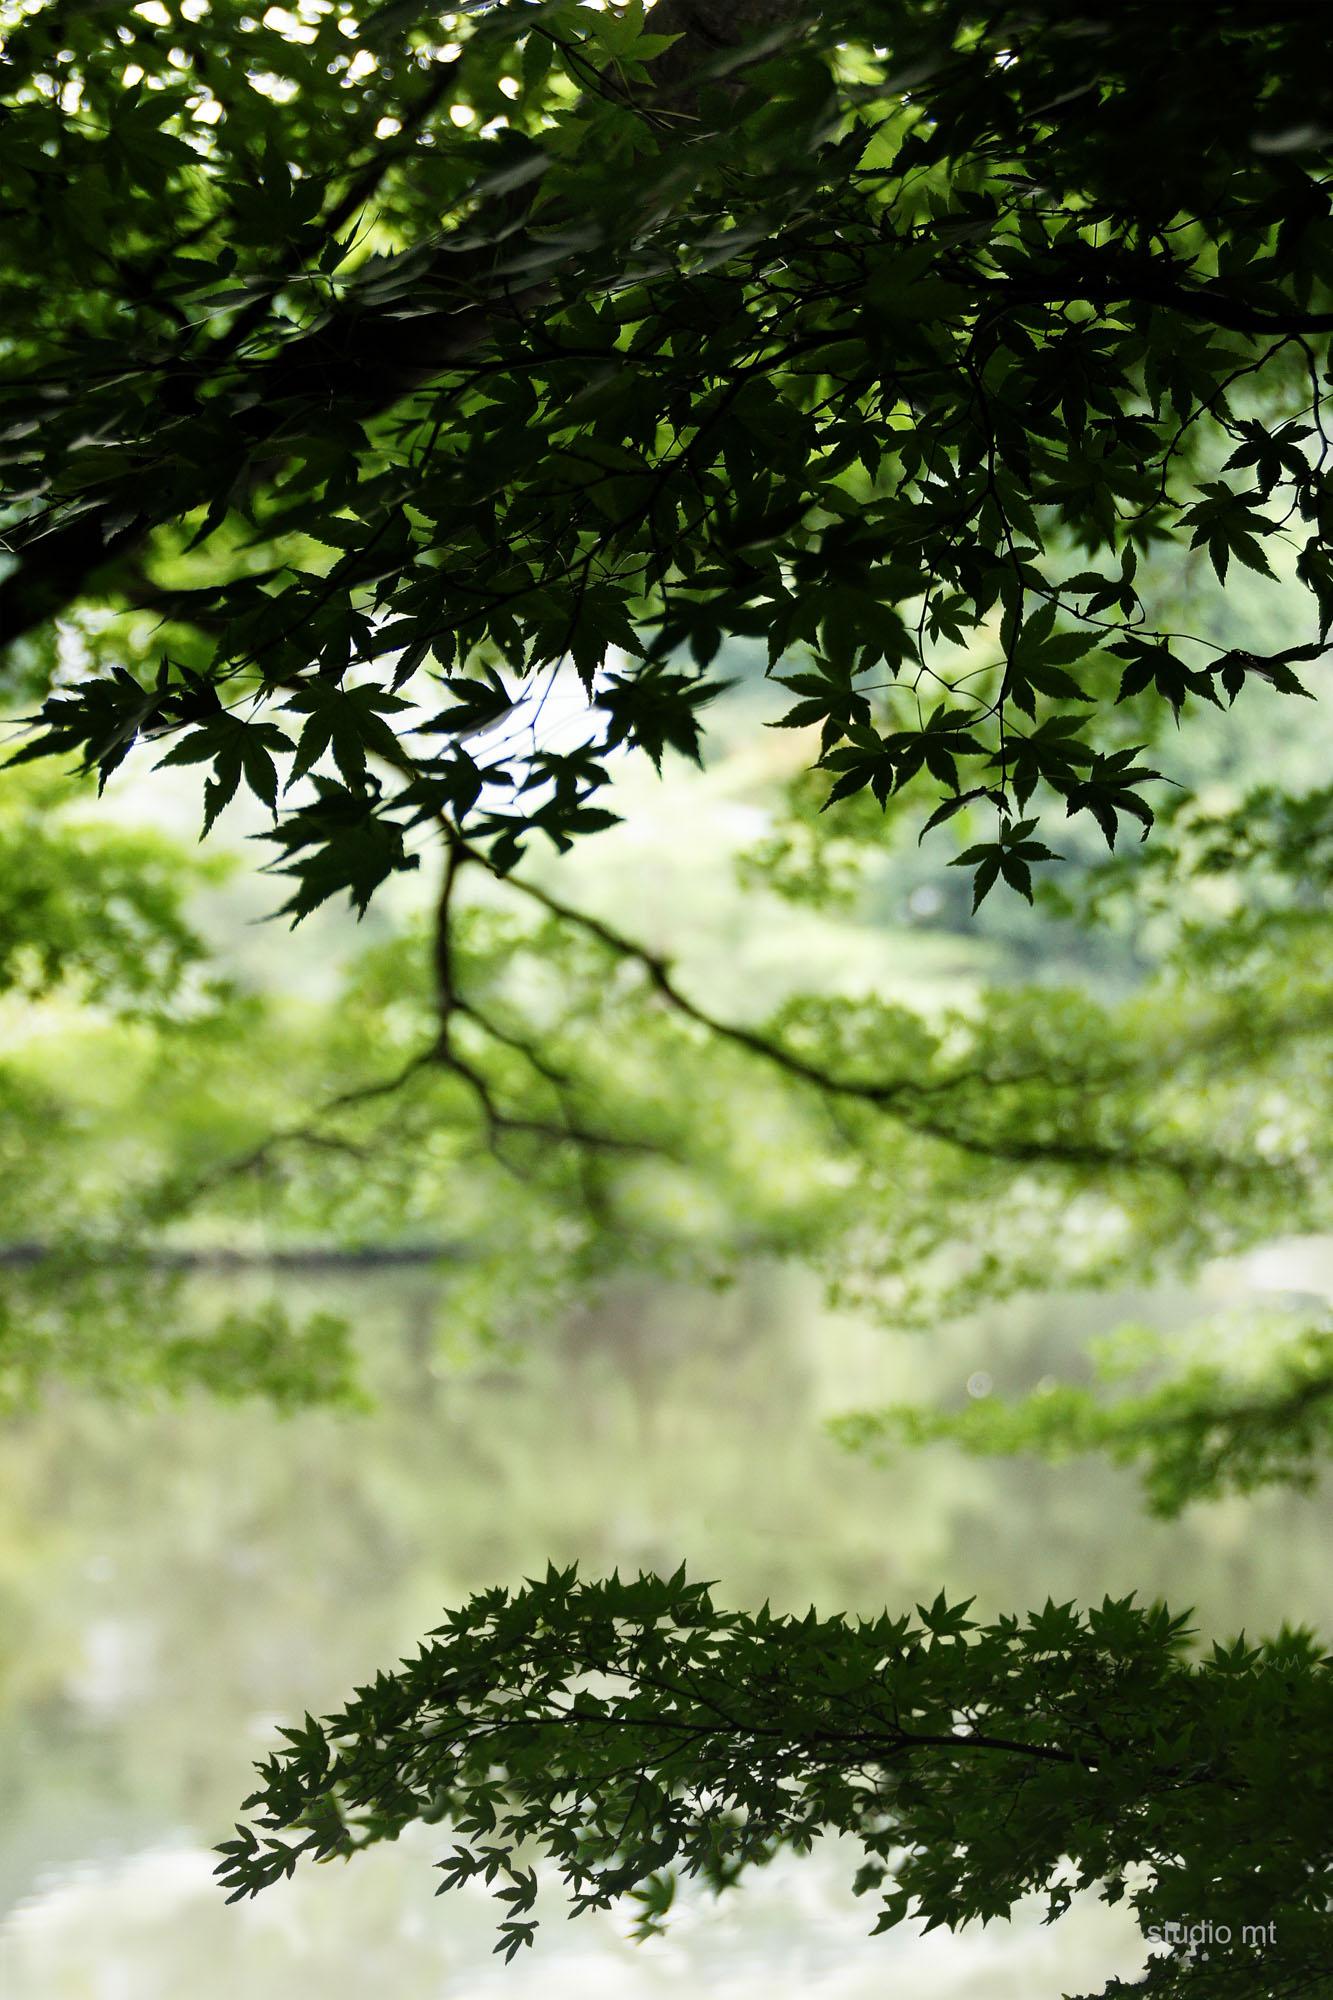 natuur, Japanse esdoorn, Studio MT